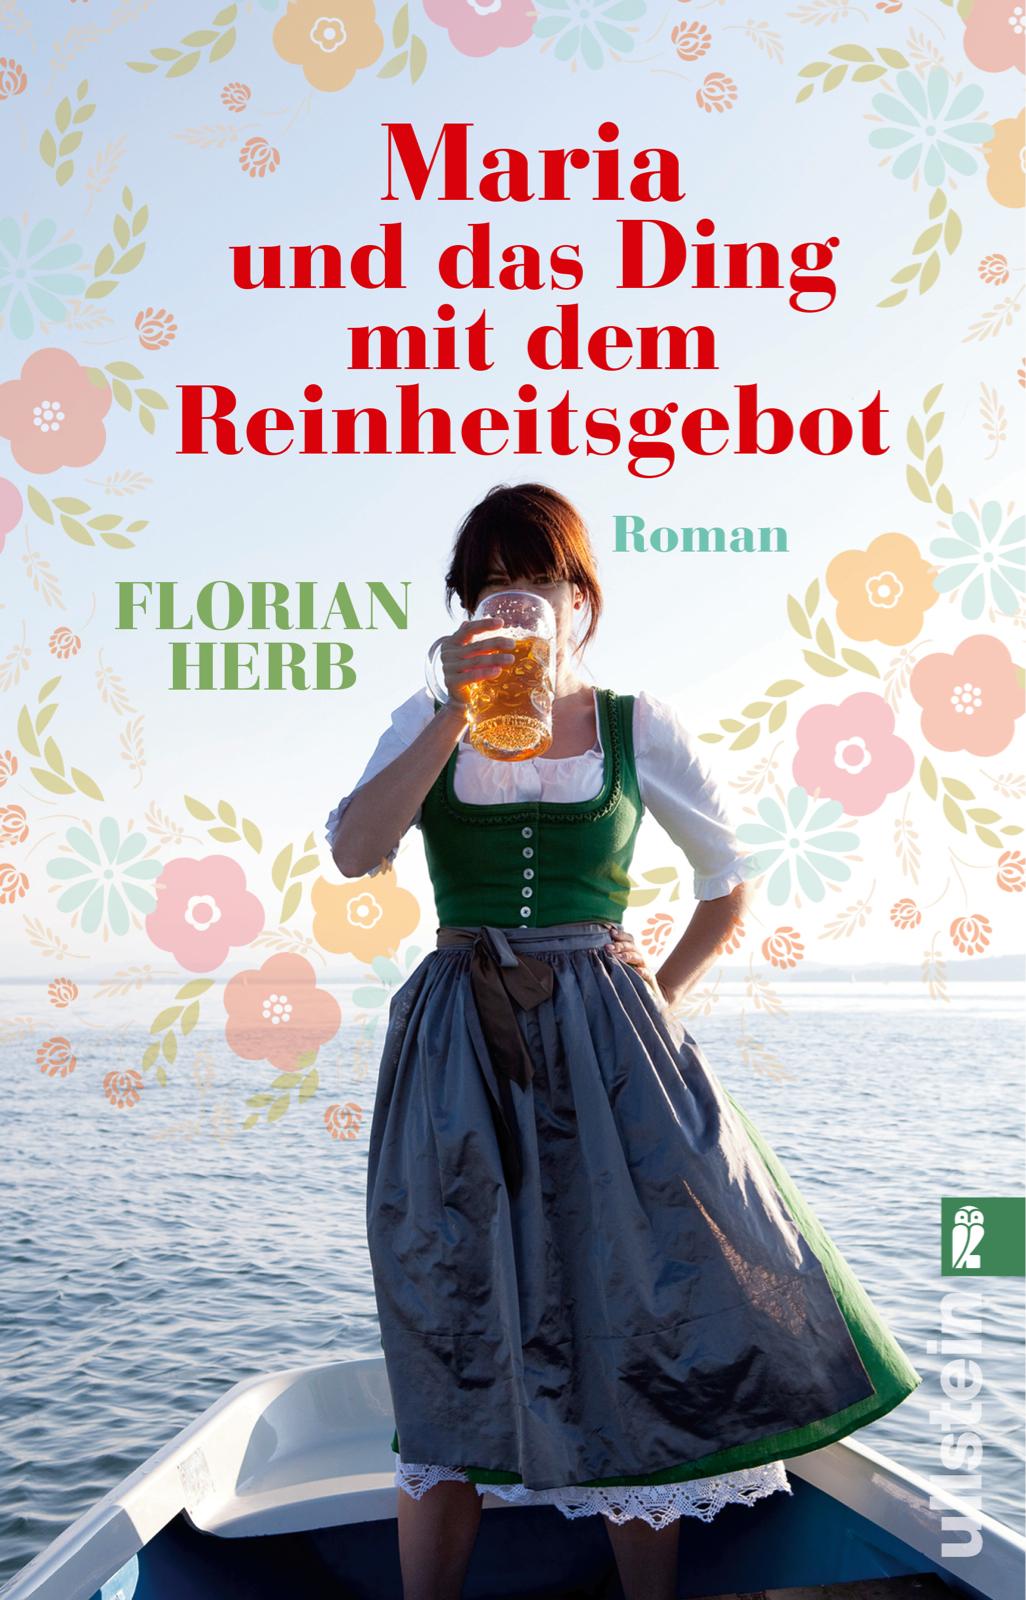 {Rezensionsexemplar} Maria und das Ding mit dem Reinheitsgebot (Florian Herb)*